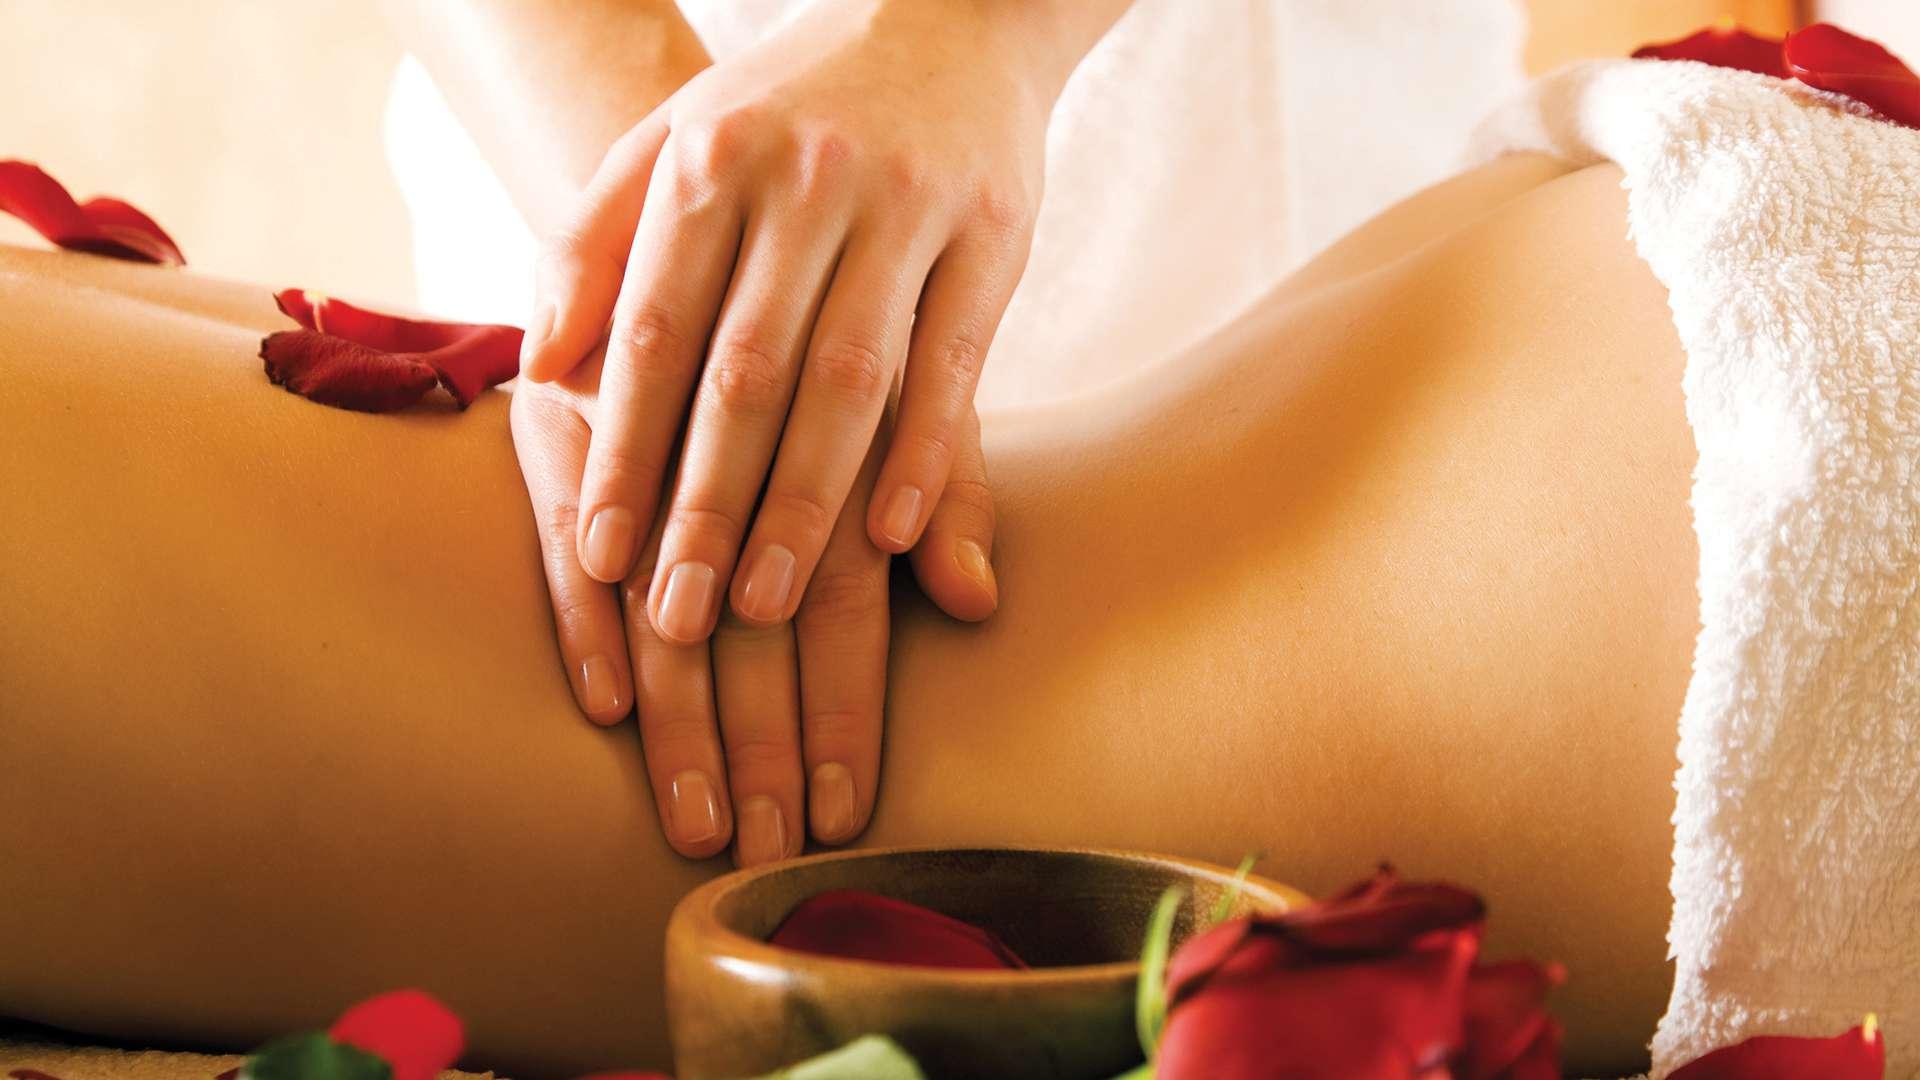 Massage Hd Free